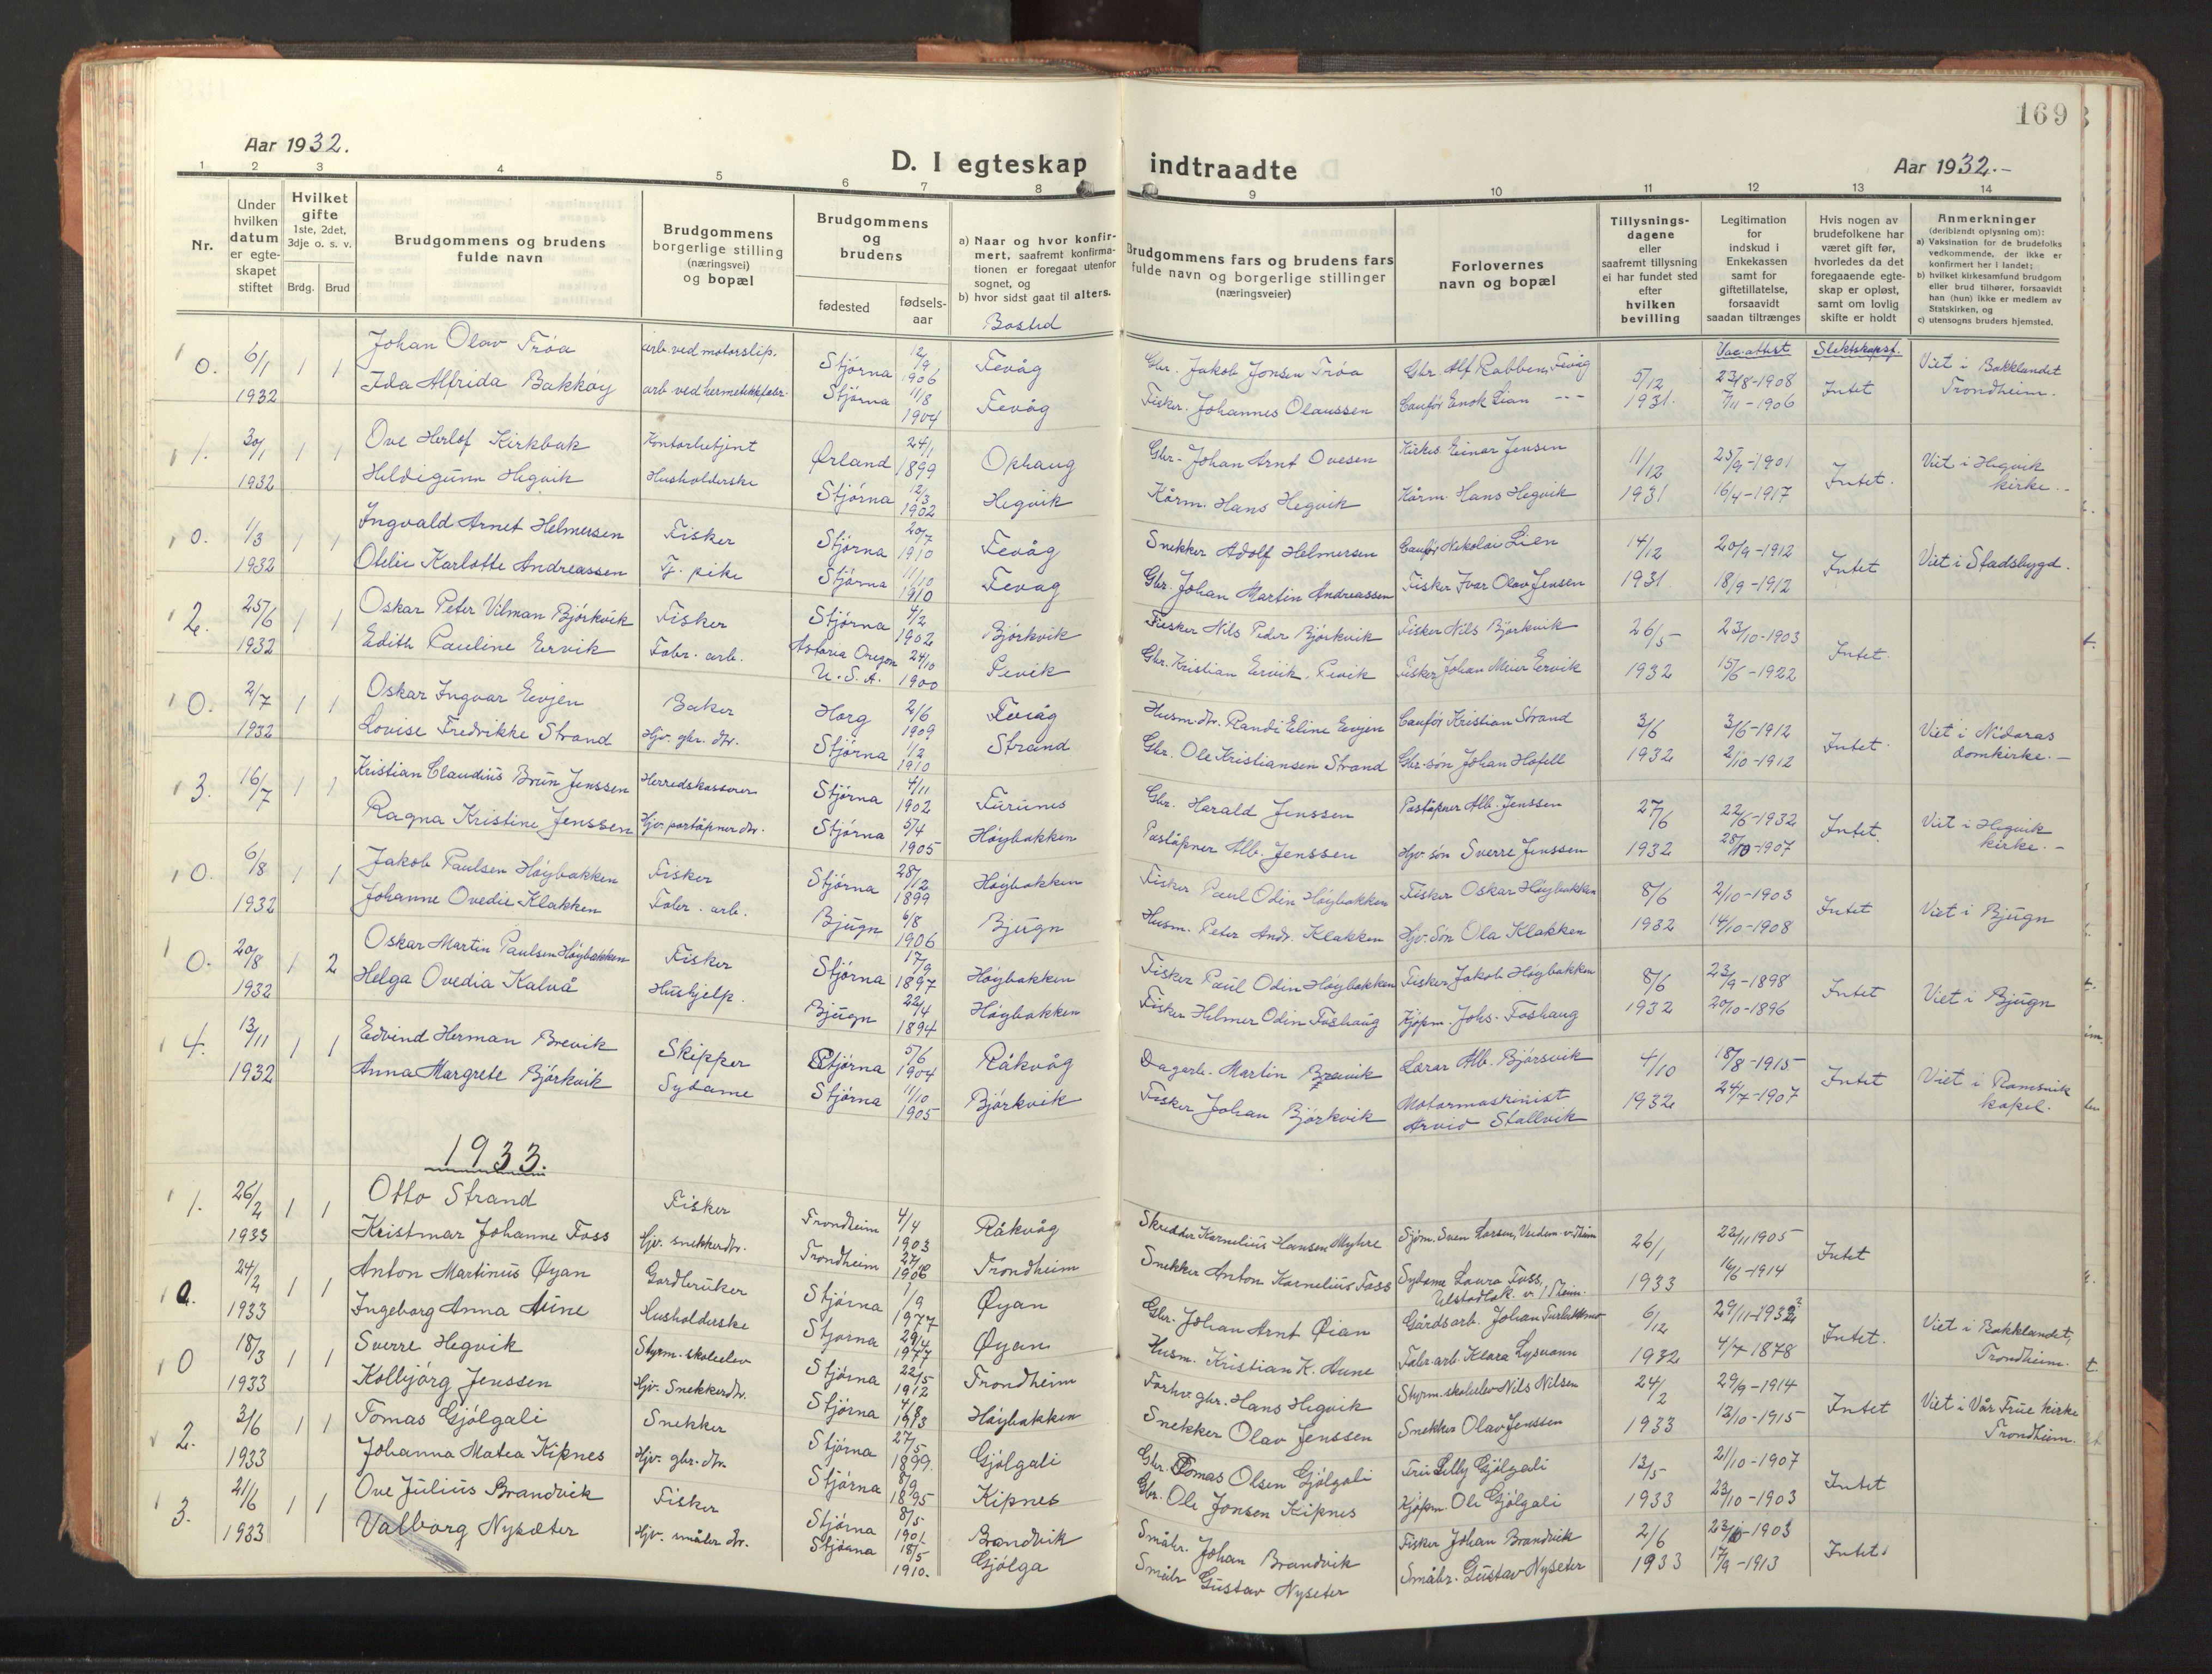 SAT, Ministerialprotokoller, klokkerbøker og fødselsregistre - Sør-Trøndelag, 653/L0658: Klokkerbok nr. 653C02, 1919-1947, s. 169